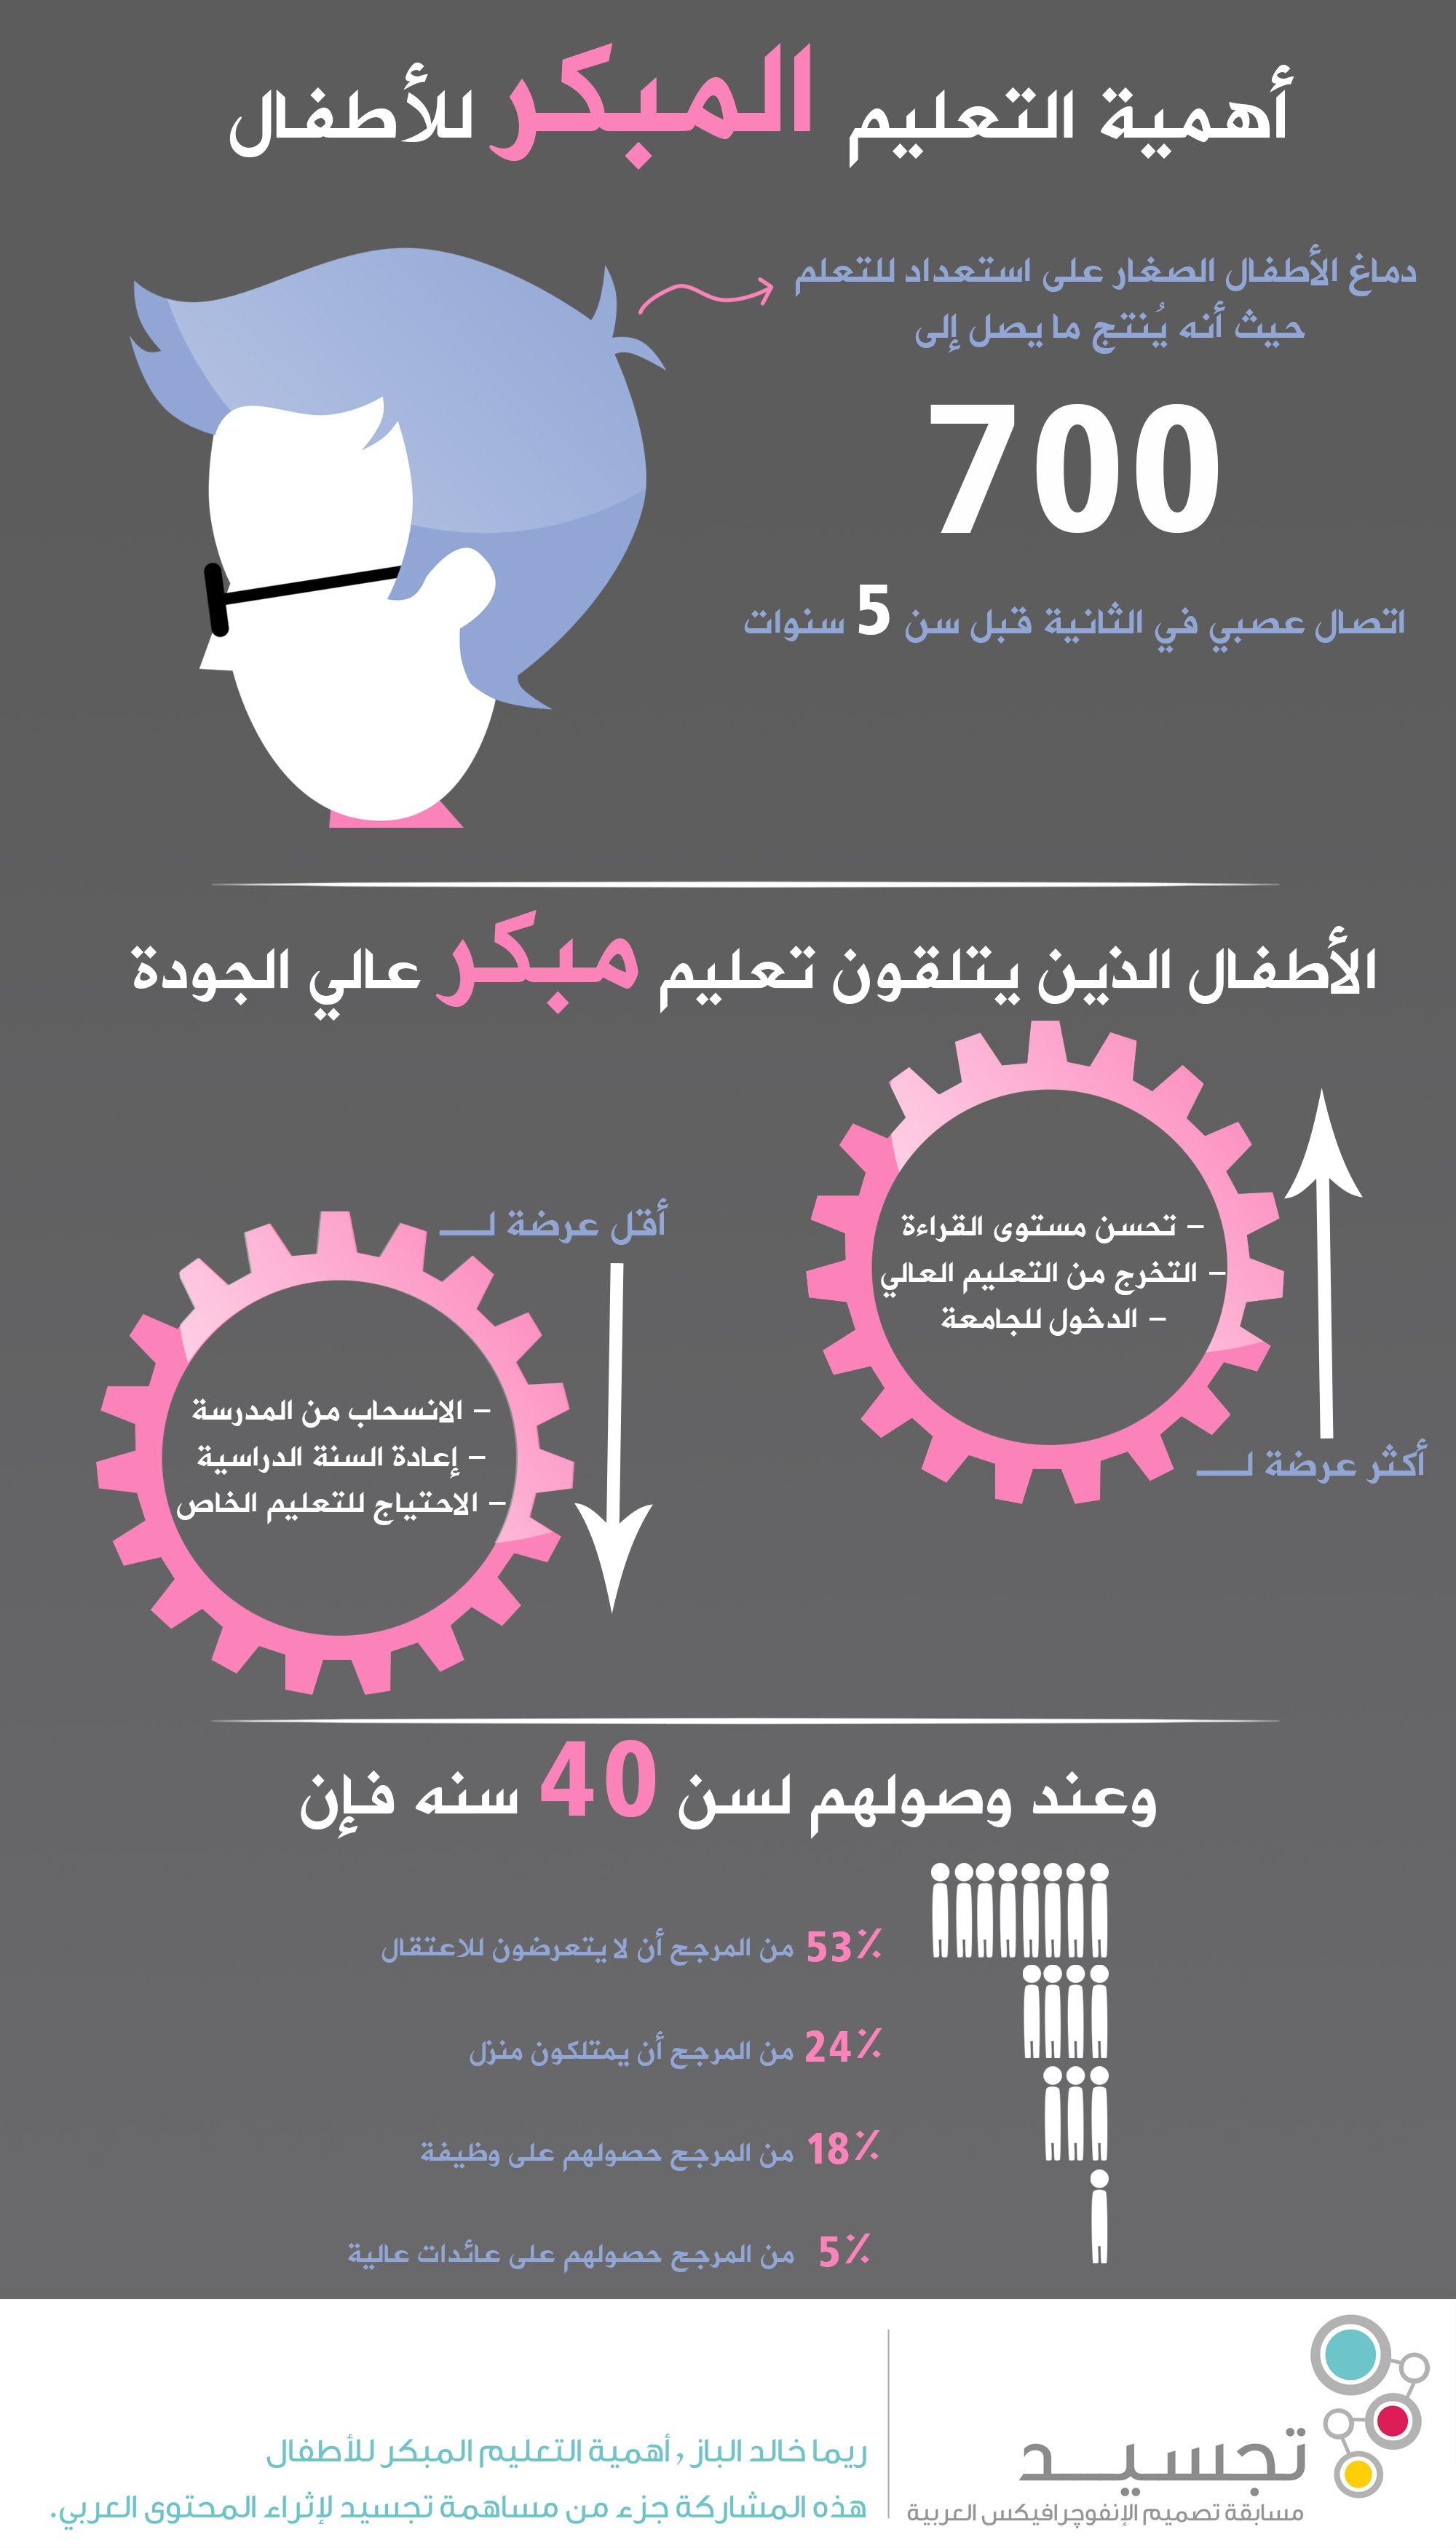 ن انفوجرافيك رسم معلوماتي أهمية التعليم المبكر للأطفال Baby Education Kids Education Parenting Education